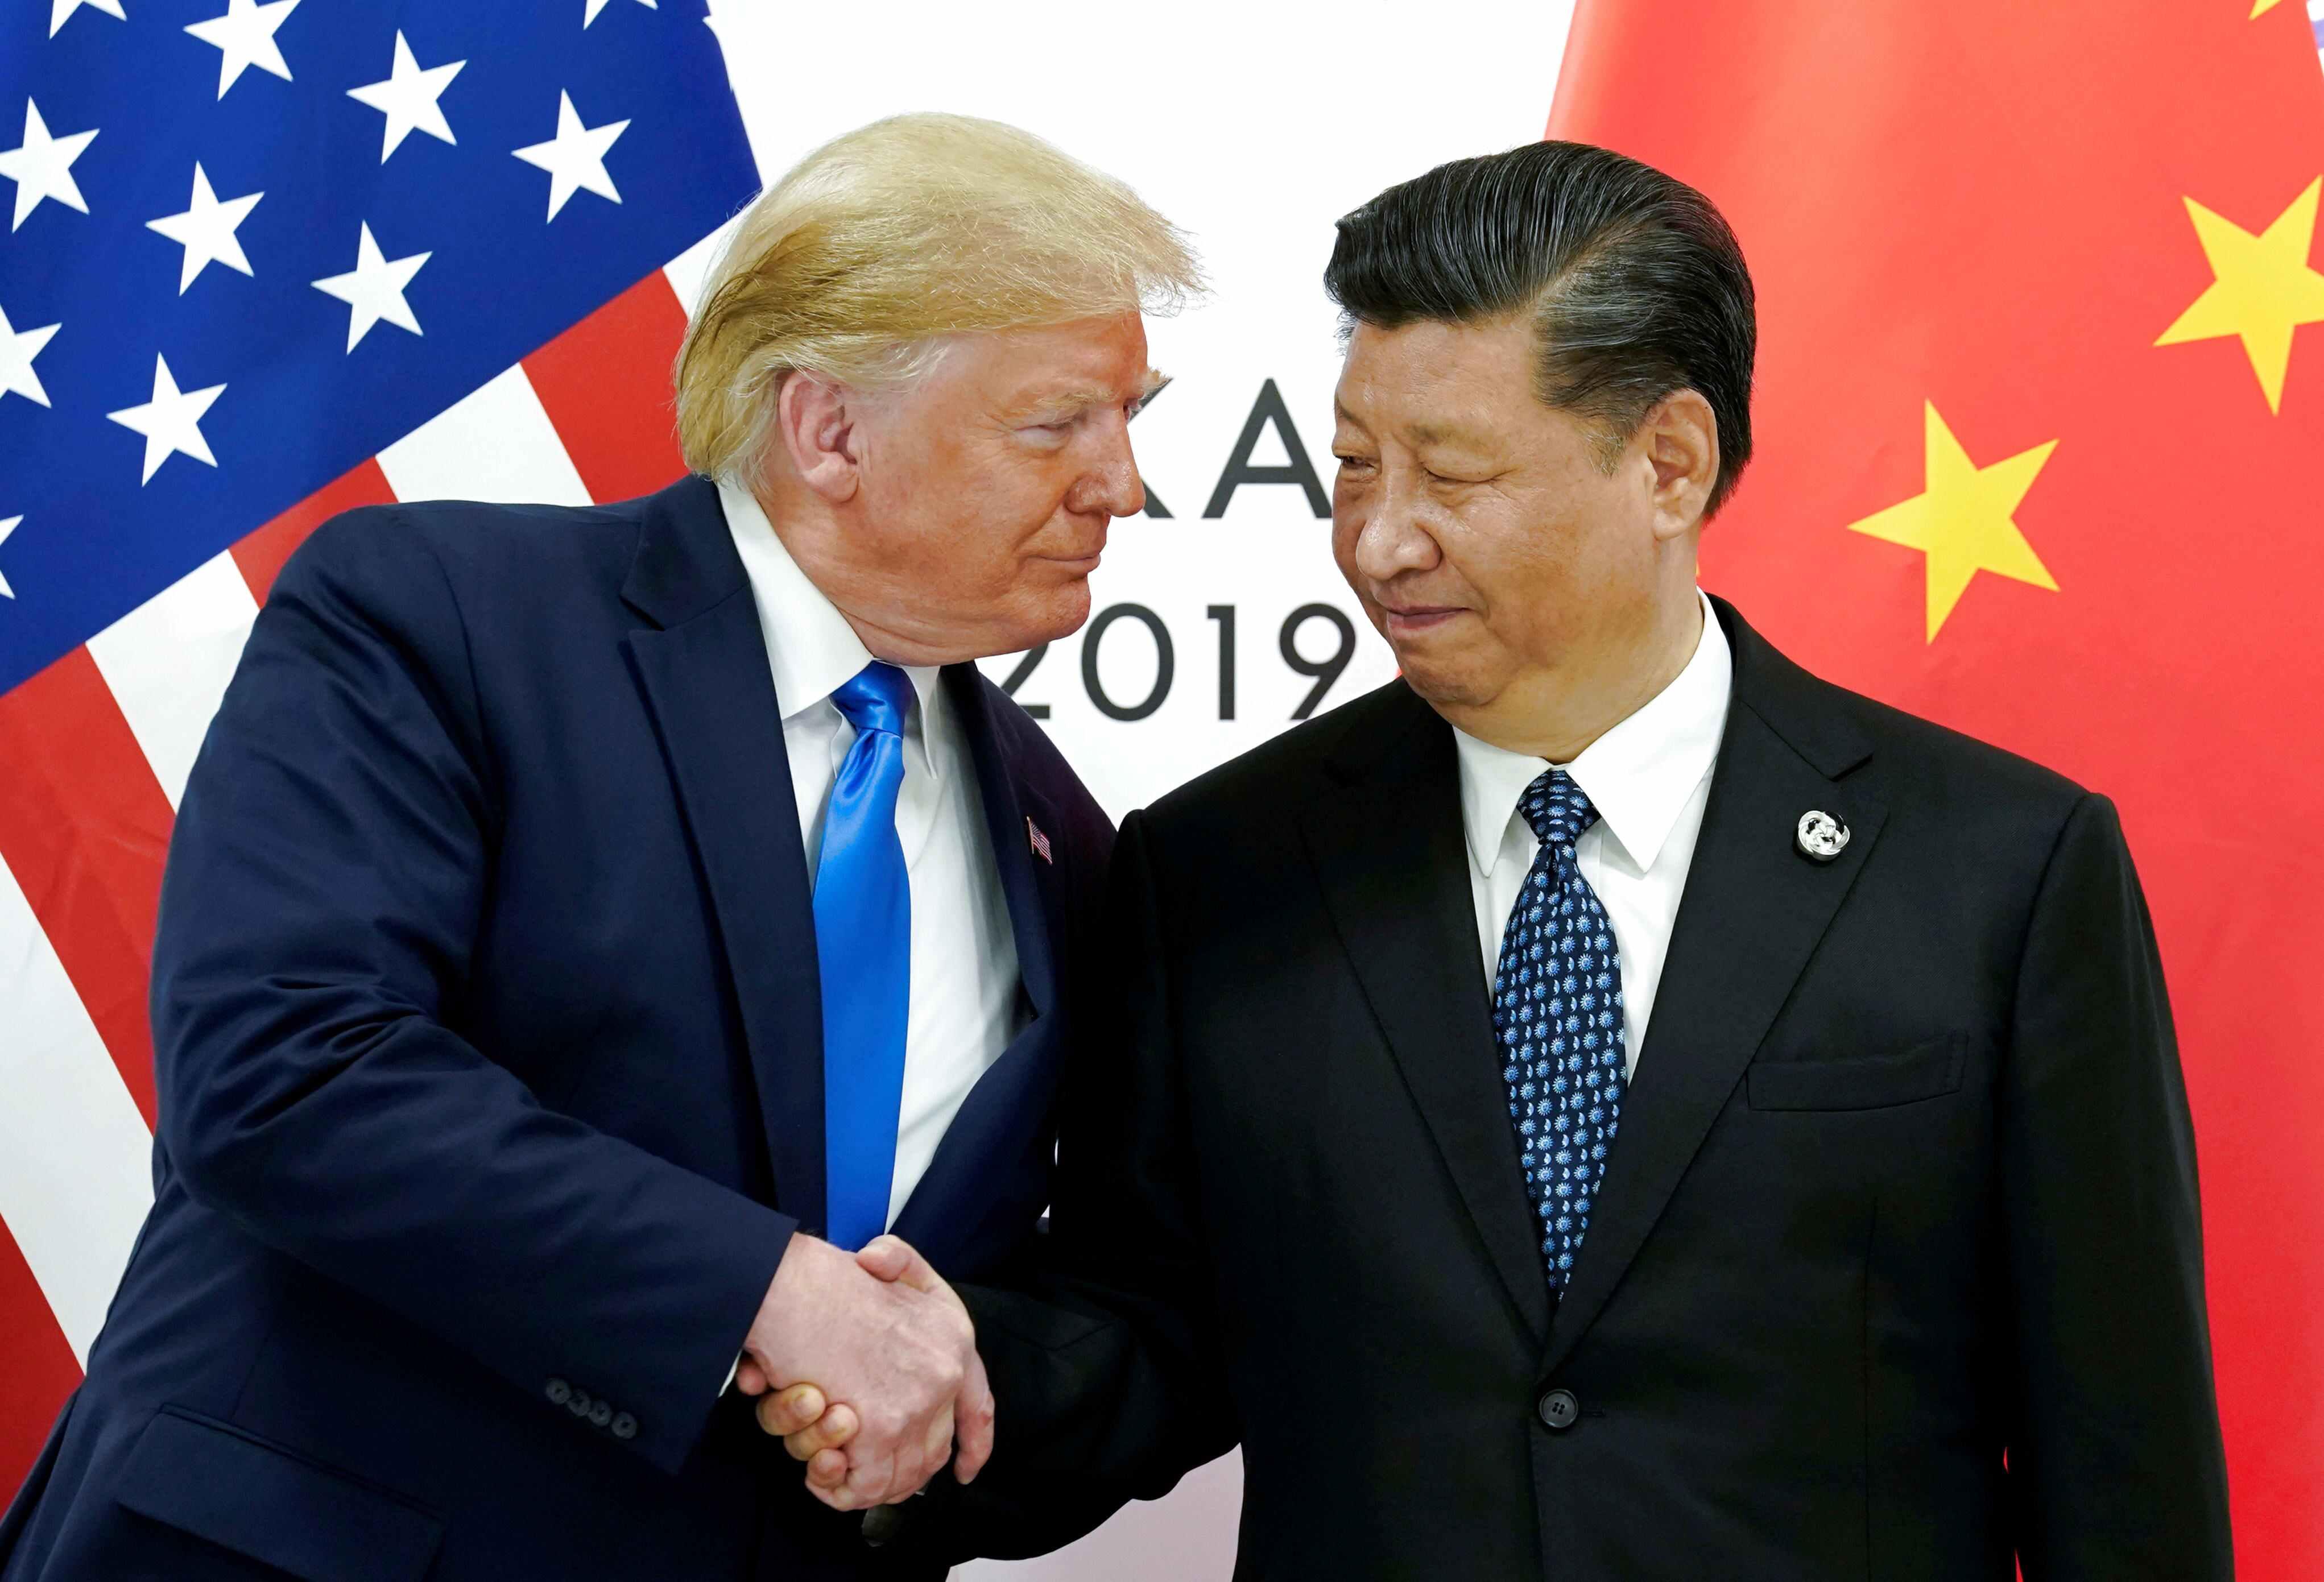 """رییس جمهوری چین: باید به فناوریهای کلیدی دست یابیم  «شی جین پینگ» رییس جمهوری چین که کشورش بر سر فناوری و تکنولوژی های نوین، درگیر جنگ تجاری با آمریکا شده است اظهار کرد باید به فناوریهای کلیدی دست یابیم و این تکنولوژیها را در دست بگیریم.  شی روز جمعه در جریان بازدید از کارخانه تجهیزات هوشمند سانوارد (sunward) شهر """"چانگ شا"""" در استان """"هونان"""" تاکید کرد علاوه بر فناوریهای کلیدی، همچنین باید صنایع ساخت و تولید را نیز در دست داشته باشیم تا در این زمینه خودکفا شویم."""